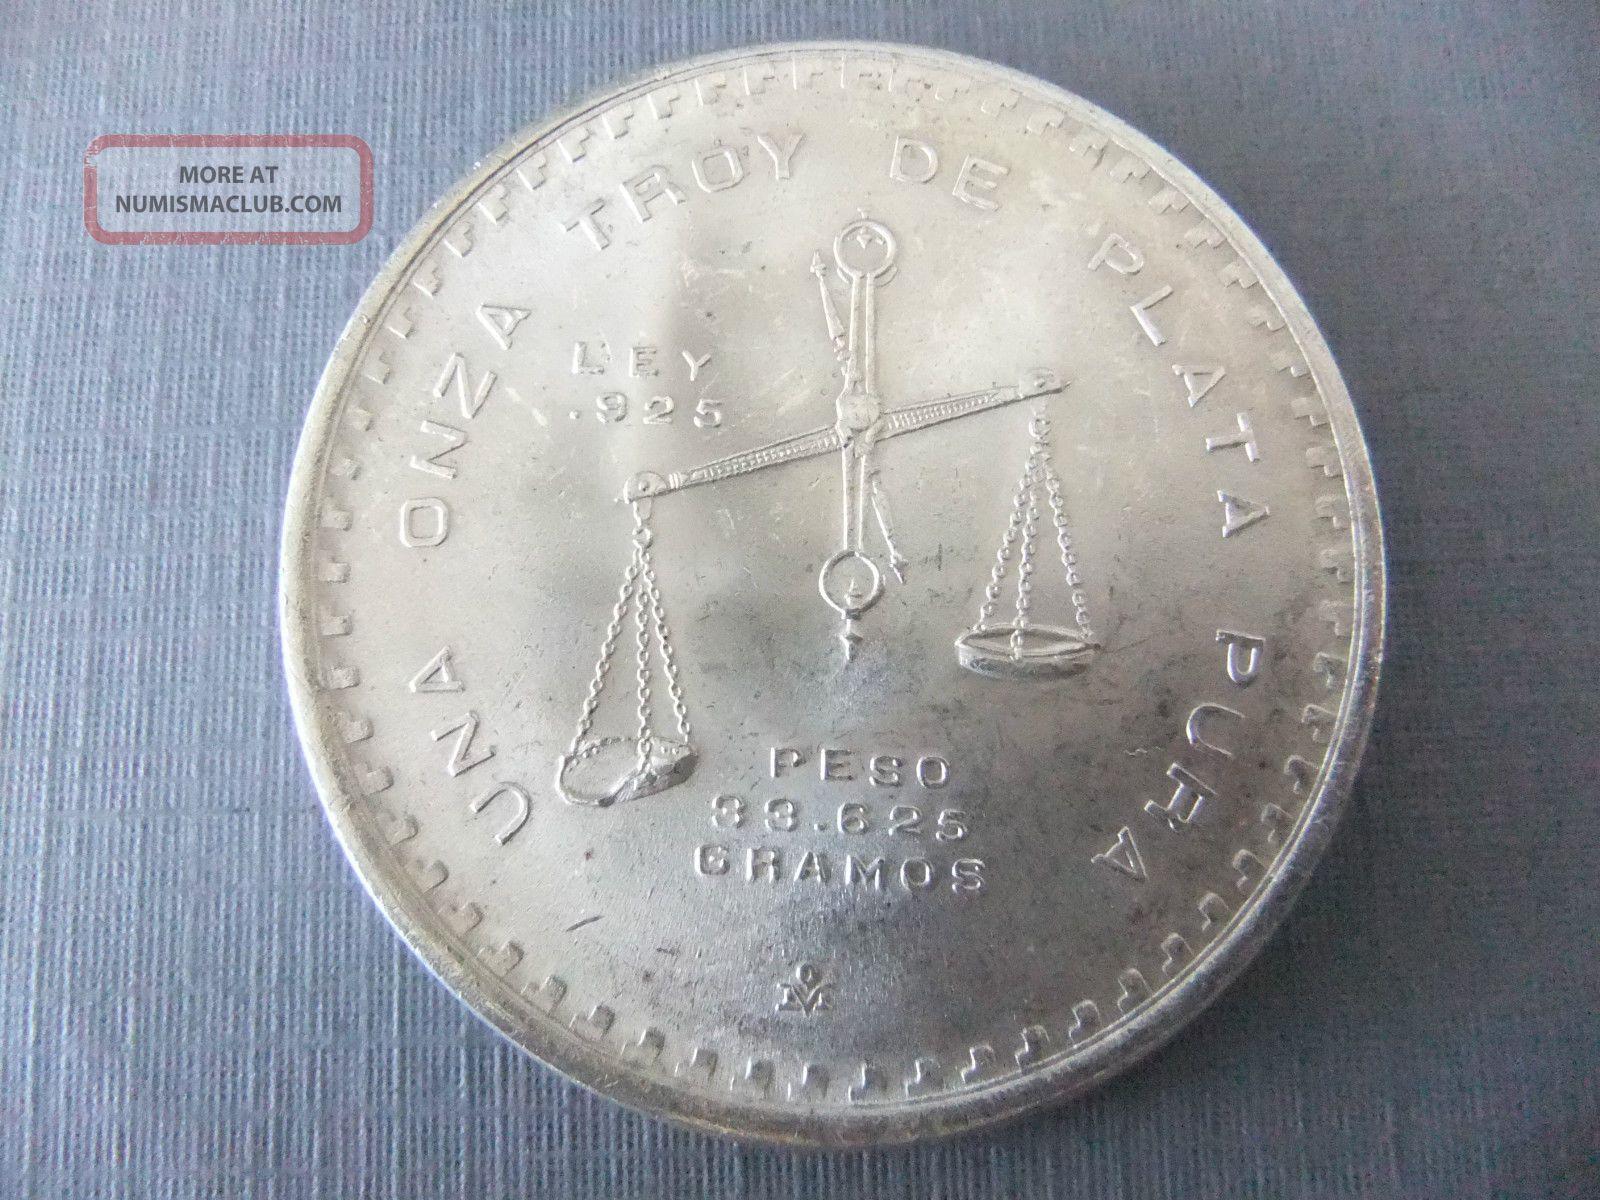 1980 Casa De Moneda De Mexico Una Onza Troy De Plata Pura 33 625 Silver Bullion